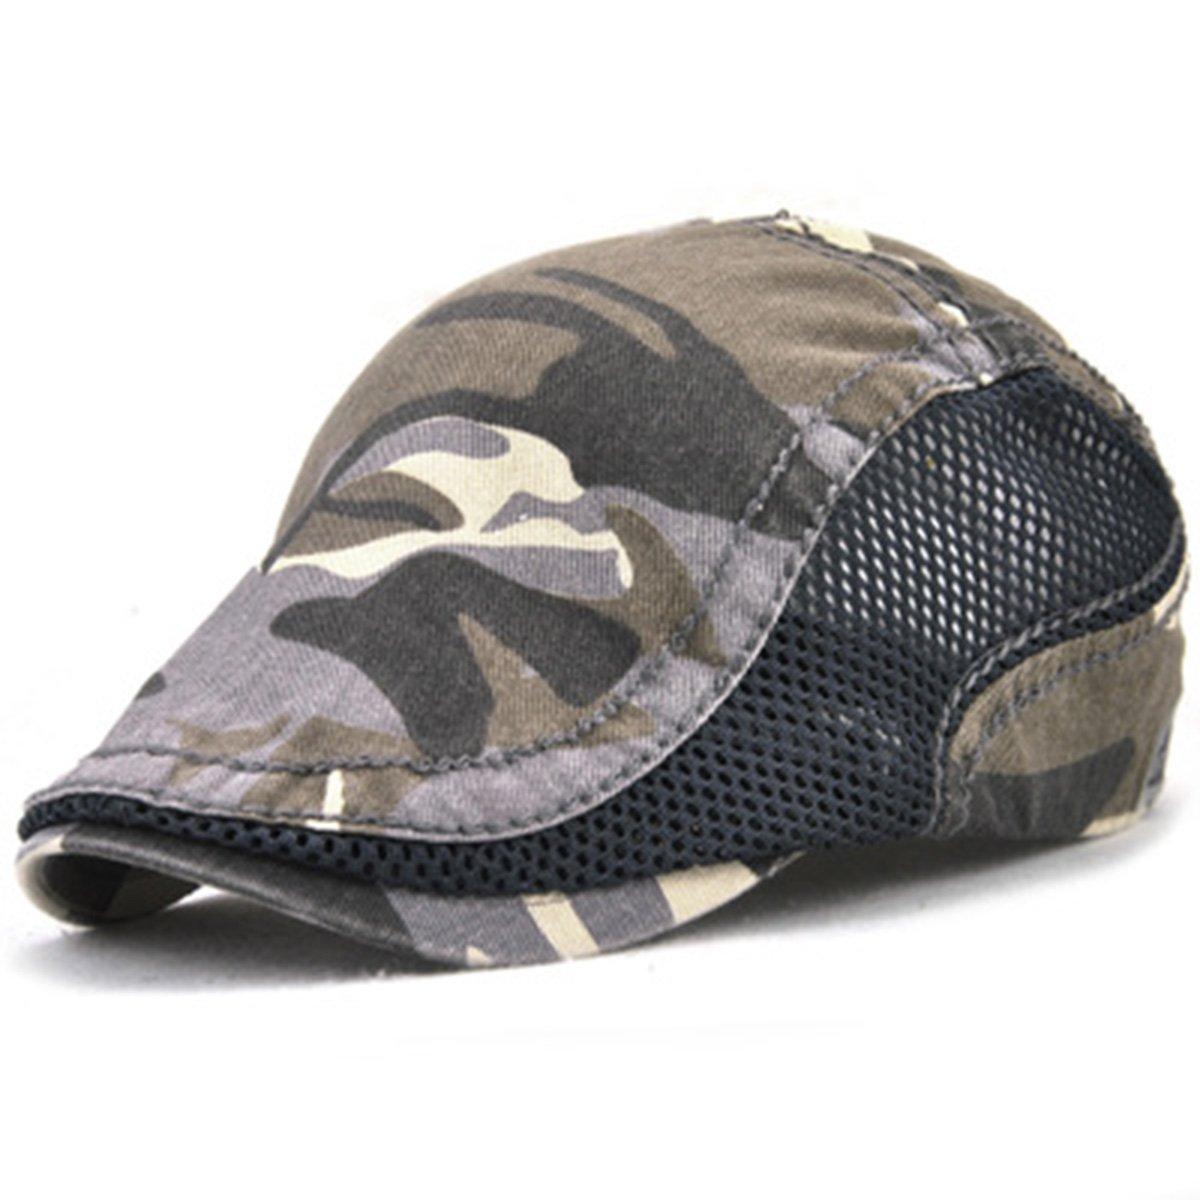 ZLSLZ unisex Camouflage Beret Hat Outdoor Ivy Newsboy Gatsby Cabbie Cap